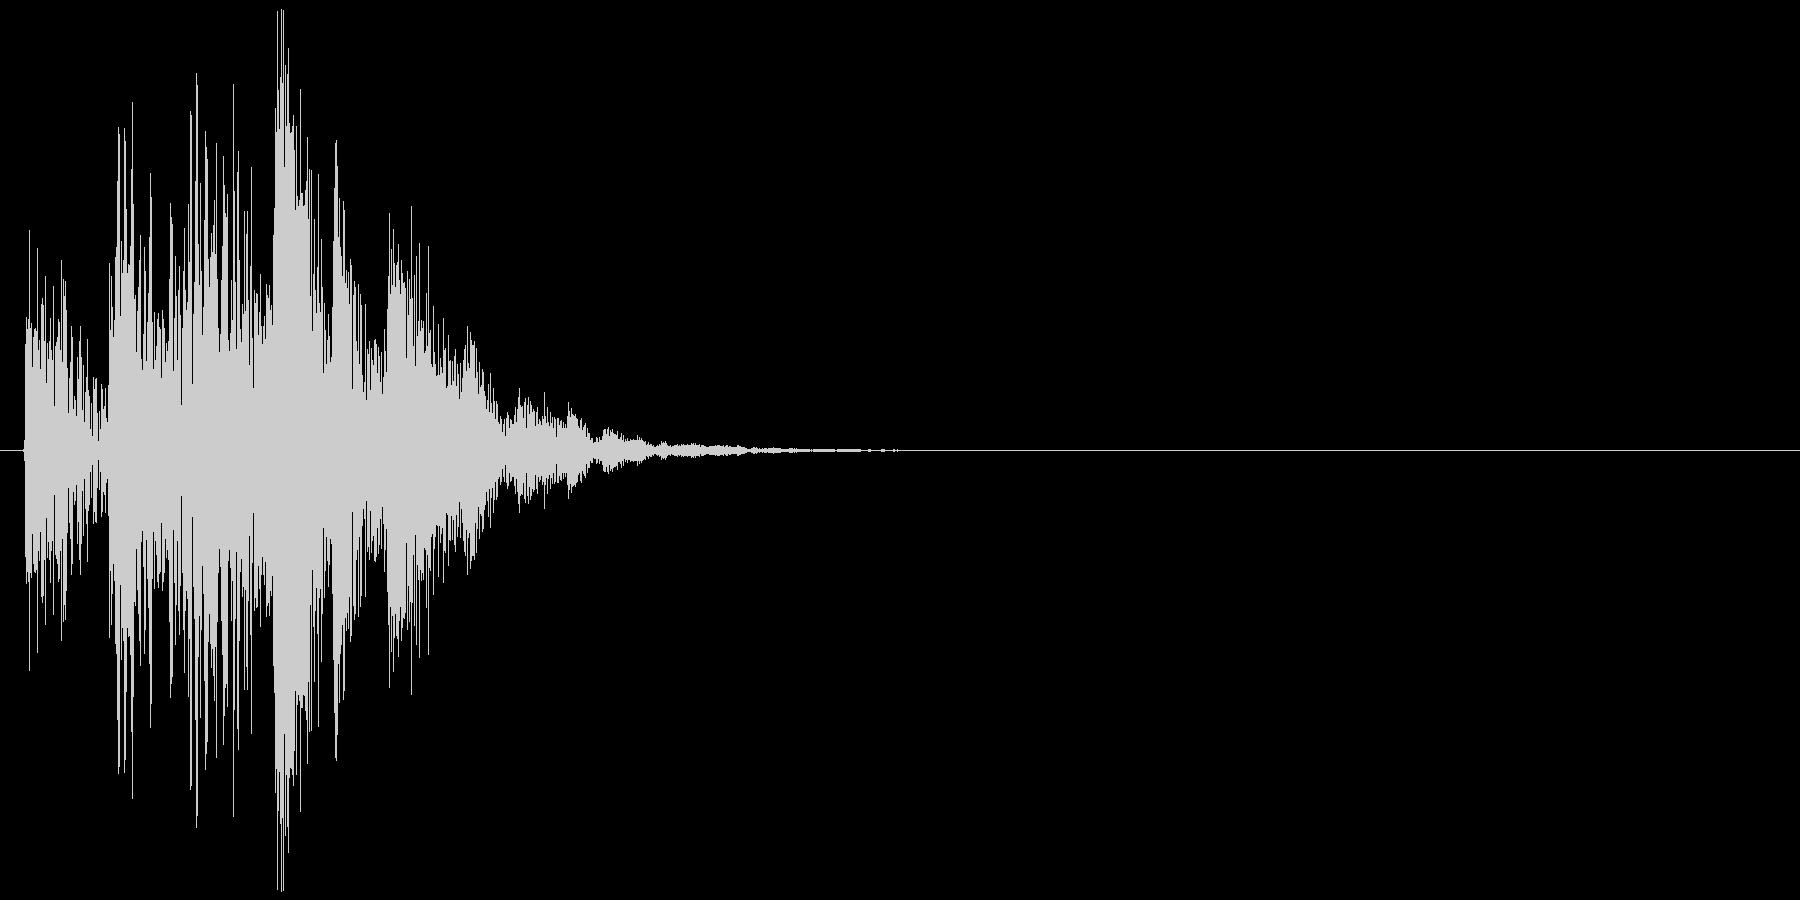 コンピューターの起動音のような効果音の未再生の波形